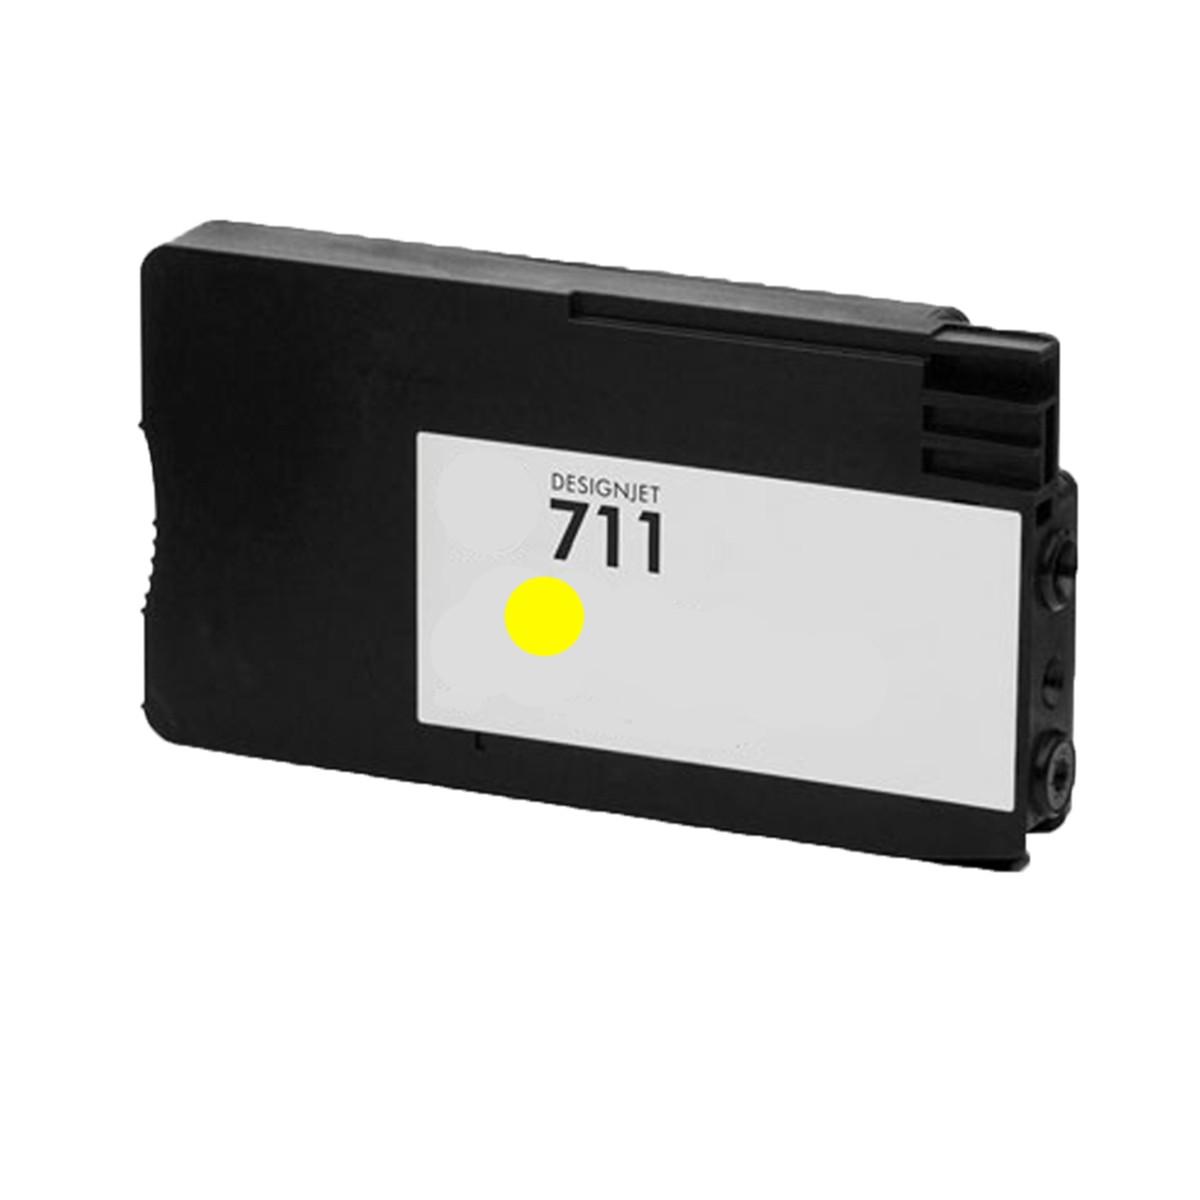 Cartucho de Tinta Compatível com HP 711 Amarelo CZ132A | T520 T120 CQ890A CQ891A CQ893A | 28ml